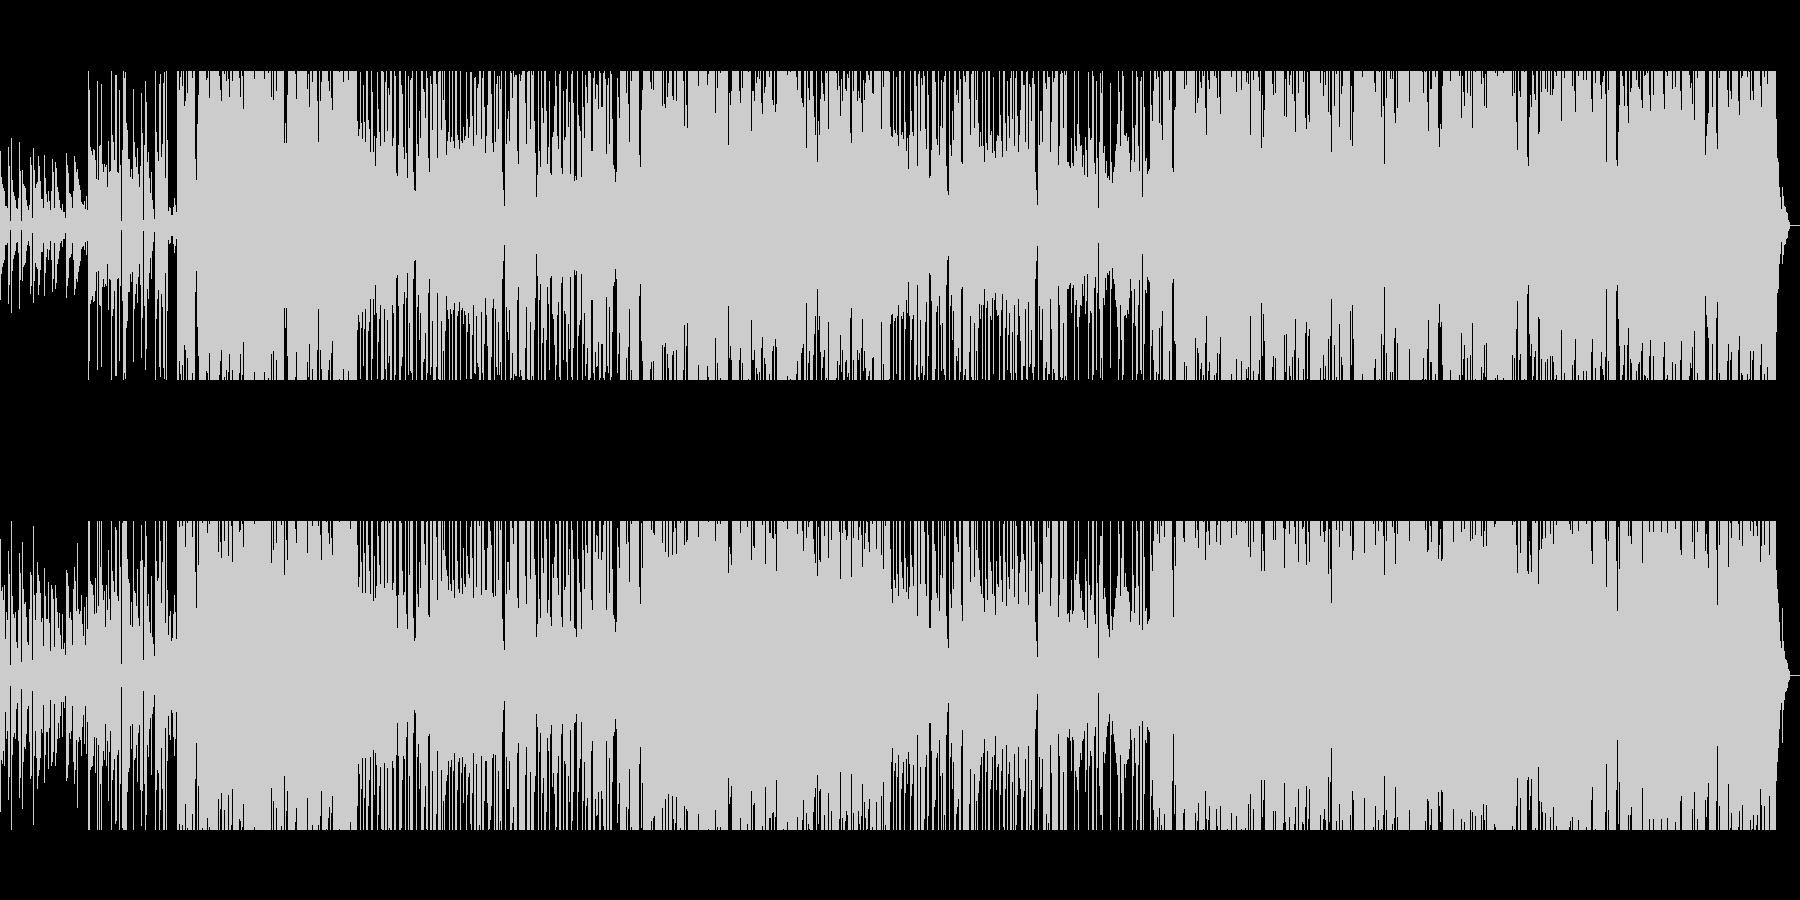 80年代風洋楽バラードインストの未再生の波形